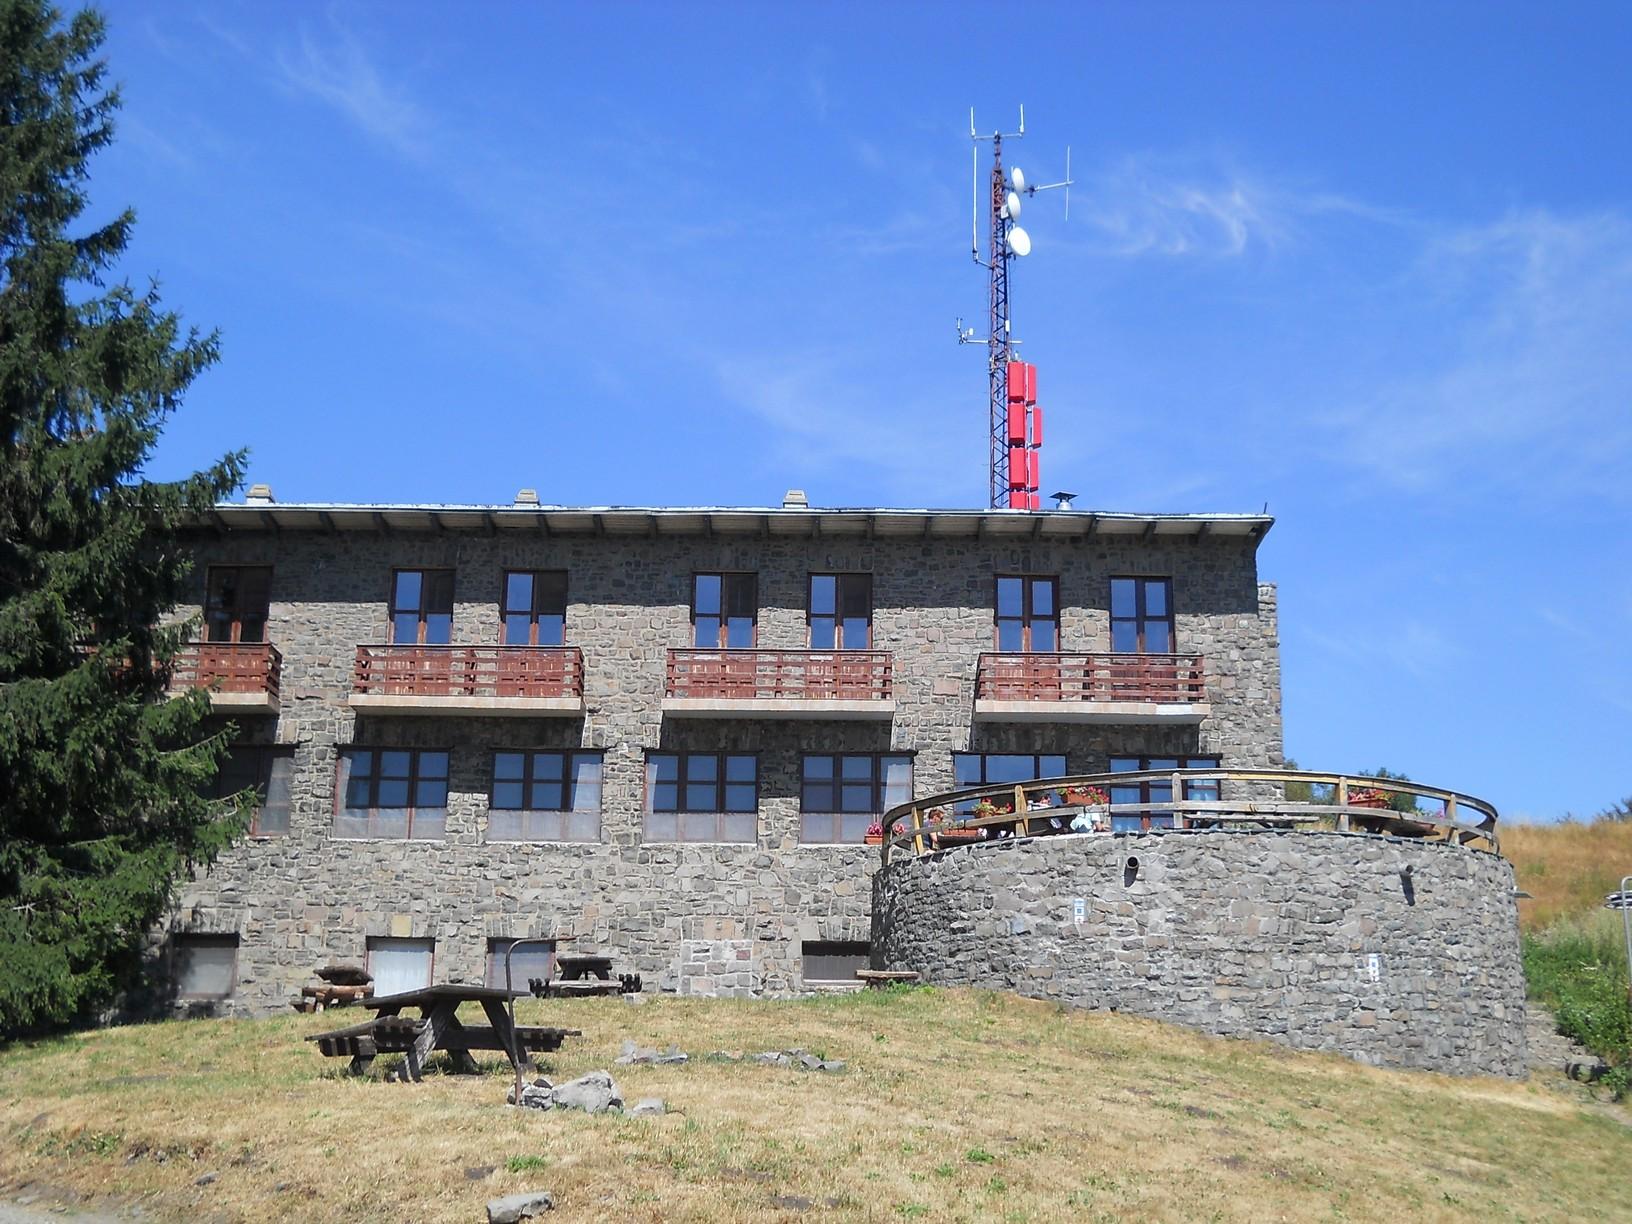 A nagy-hideg-hegyi turistaház, OKT-pecsételőhely